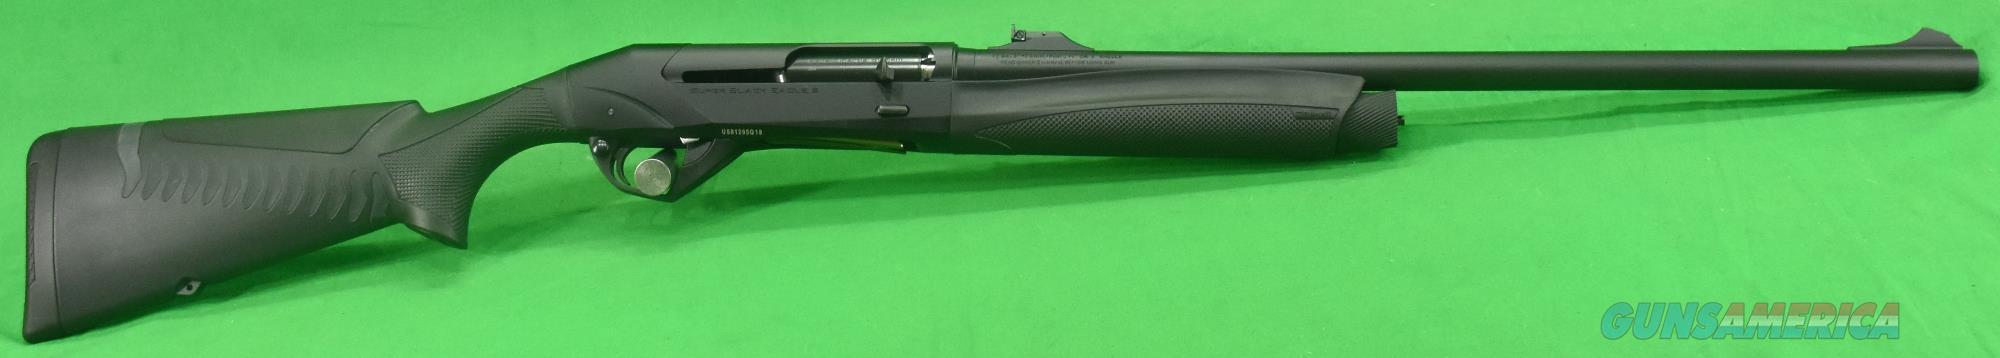 10379 Benelli Super Black Eagle 3 Rifled Slug All Black 12 Ga 24-3In  Guns > Shotguns > Benelli Shotguns > Sporting